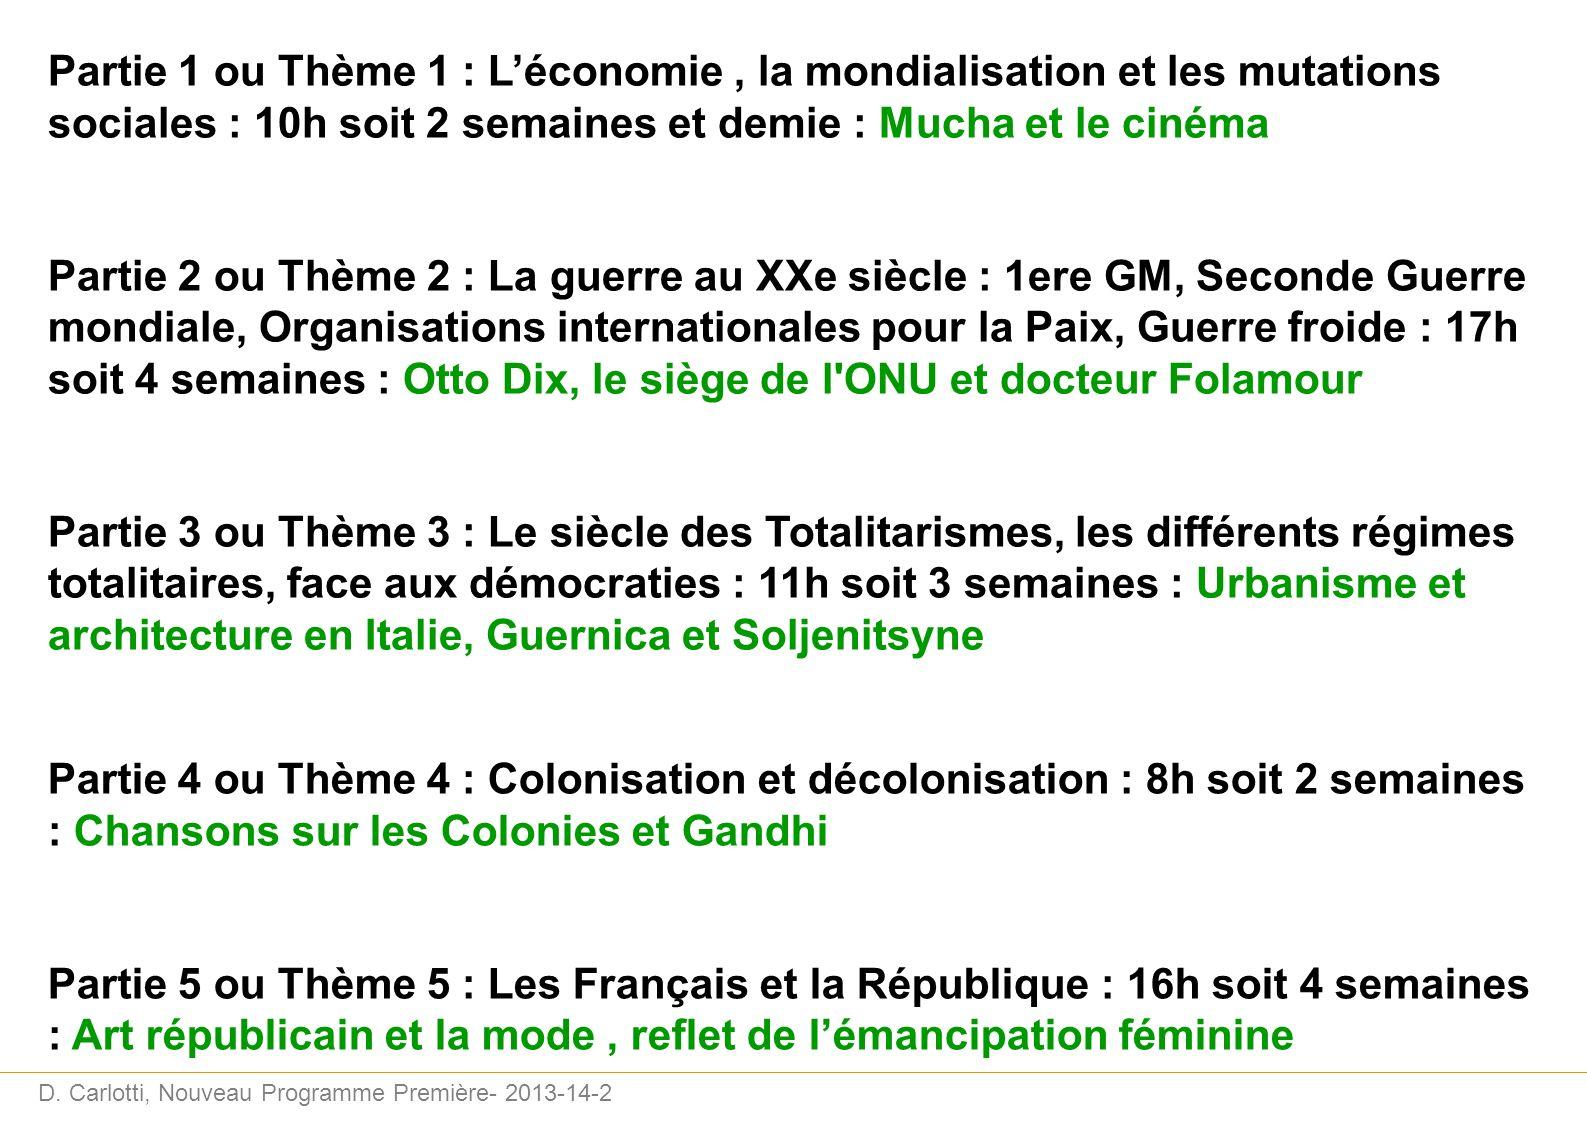 Partie 1 ou Thème 1 : L'économie , la mondialisation et les mutations sociales : 10h soit 2 semaines et demie : Mucha et le cinéma